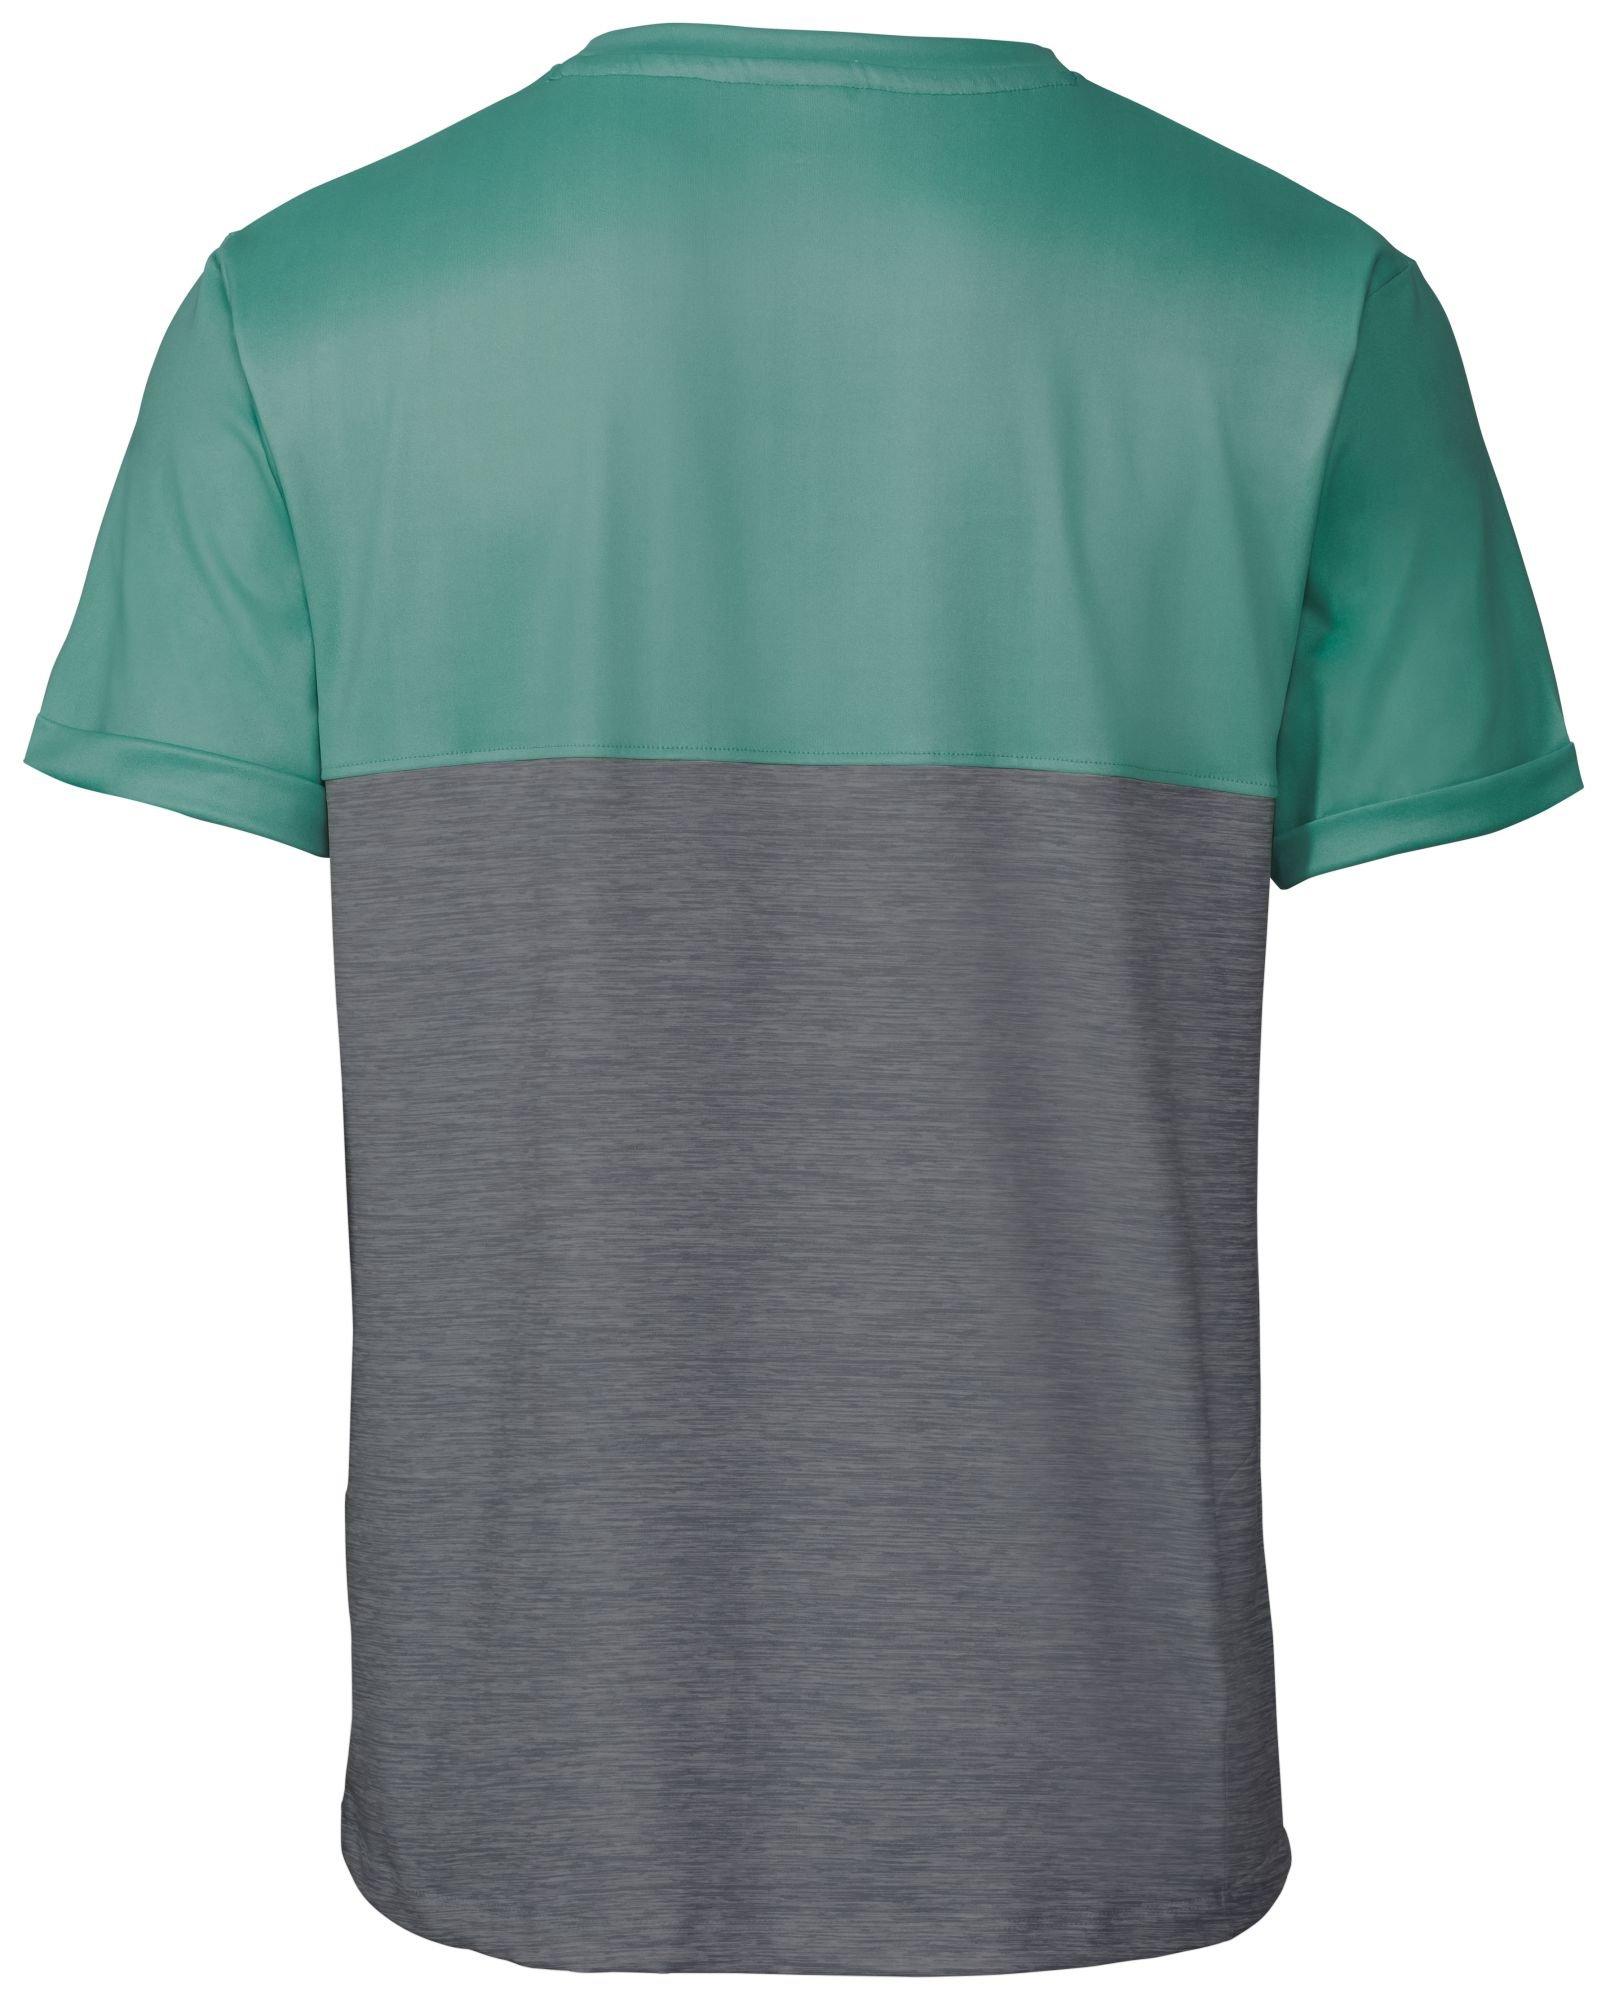 Apura Herren Shirt Urban